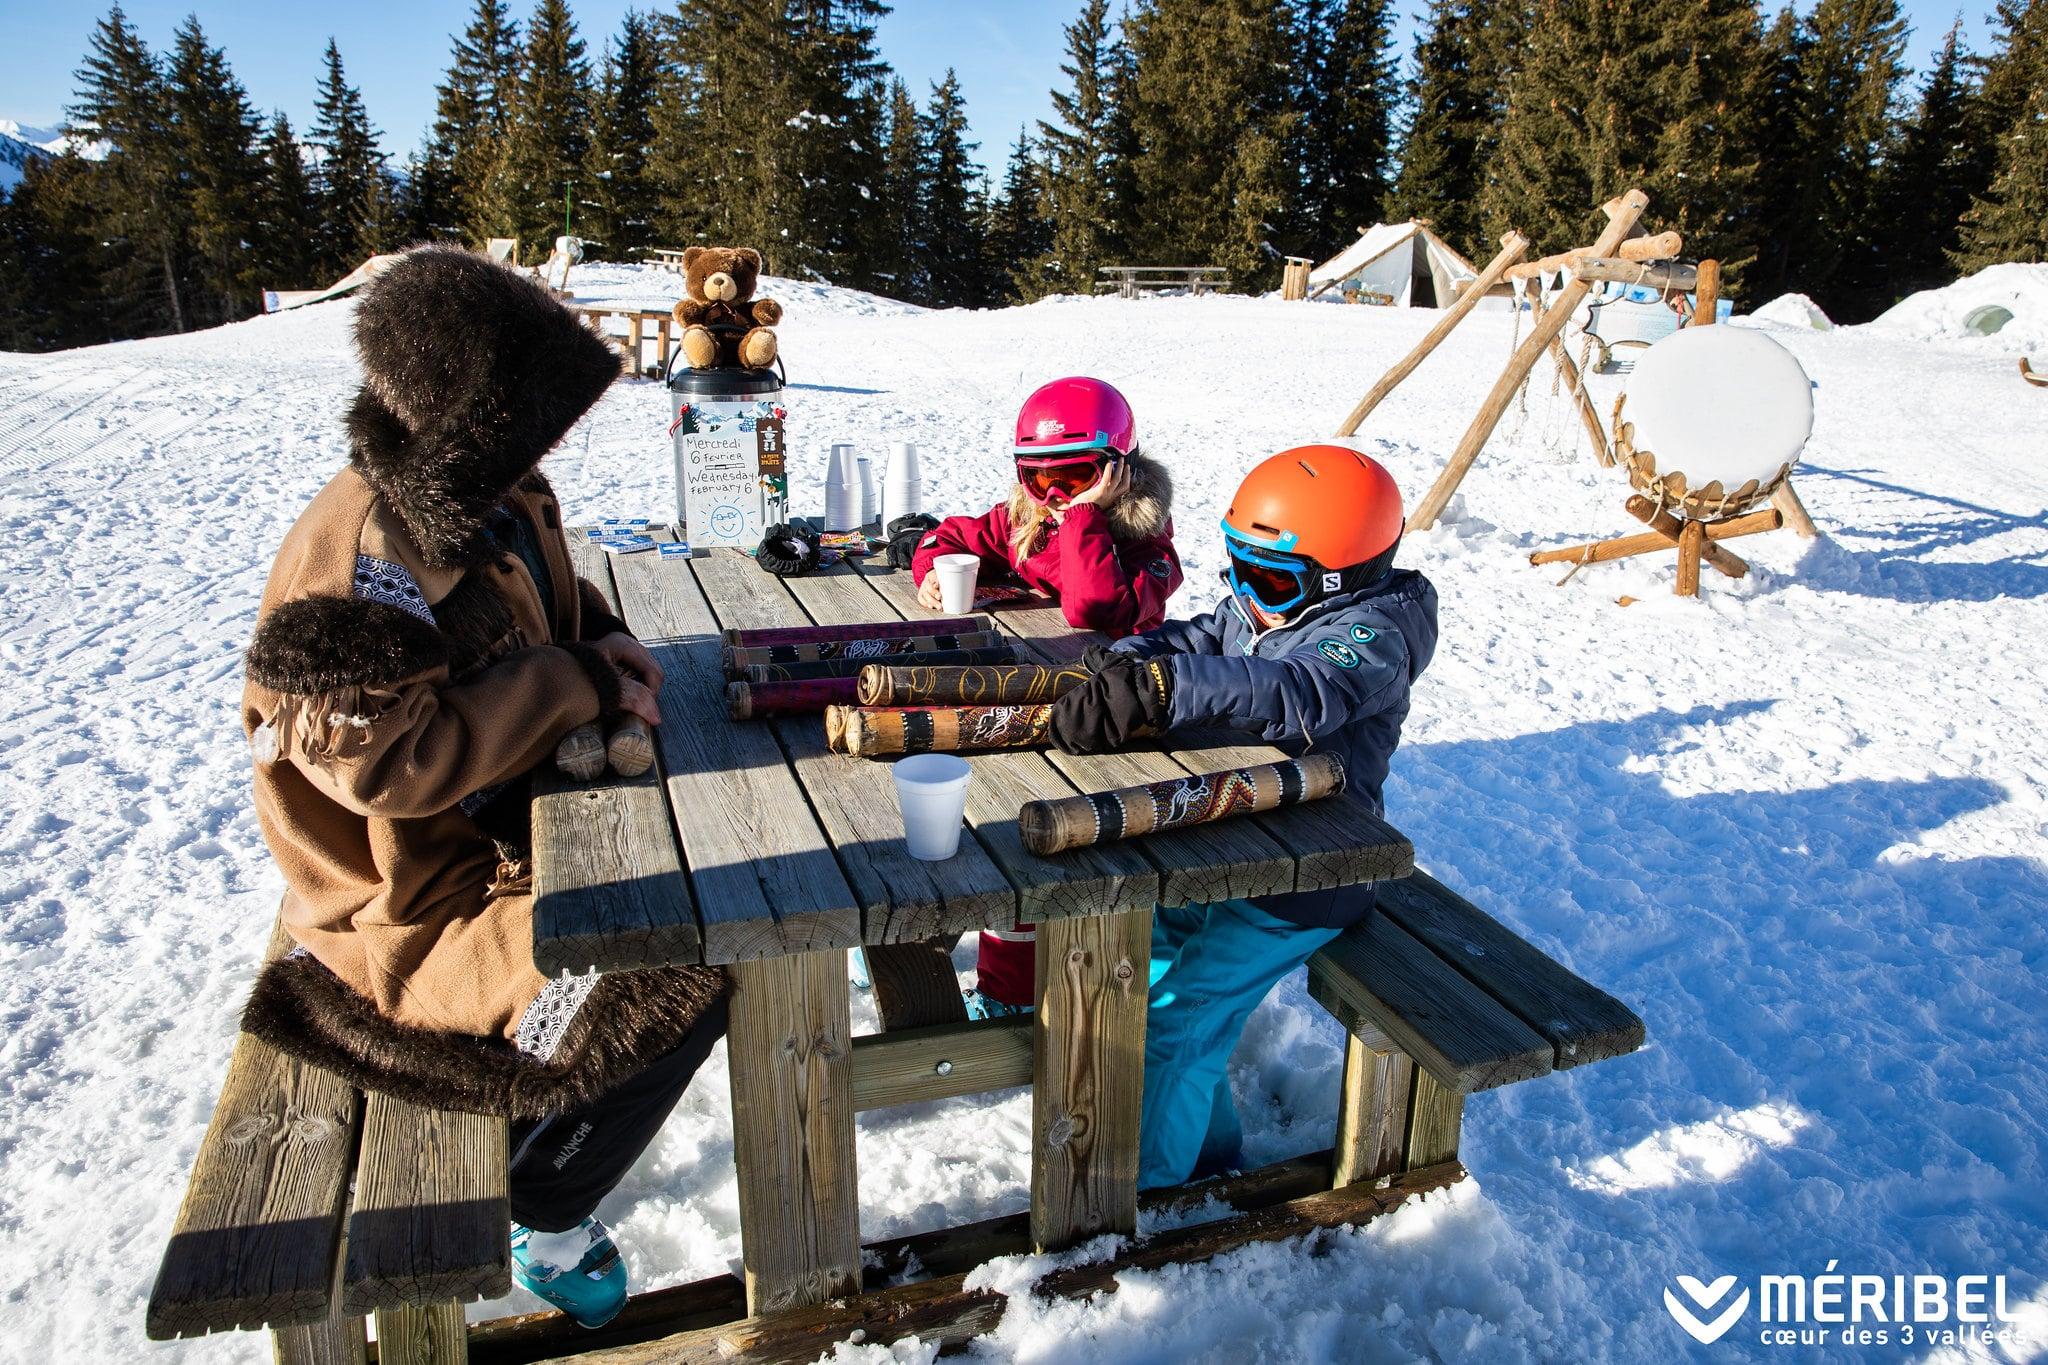 Пикник с детьми на лыжах в Мерибеле и Куршевеле